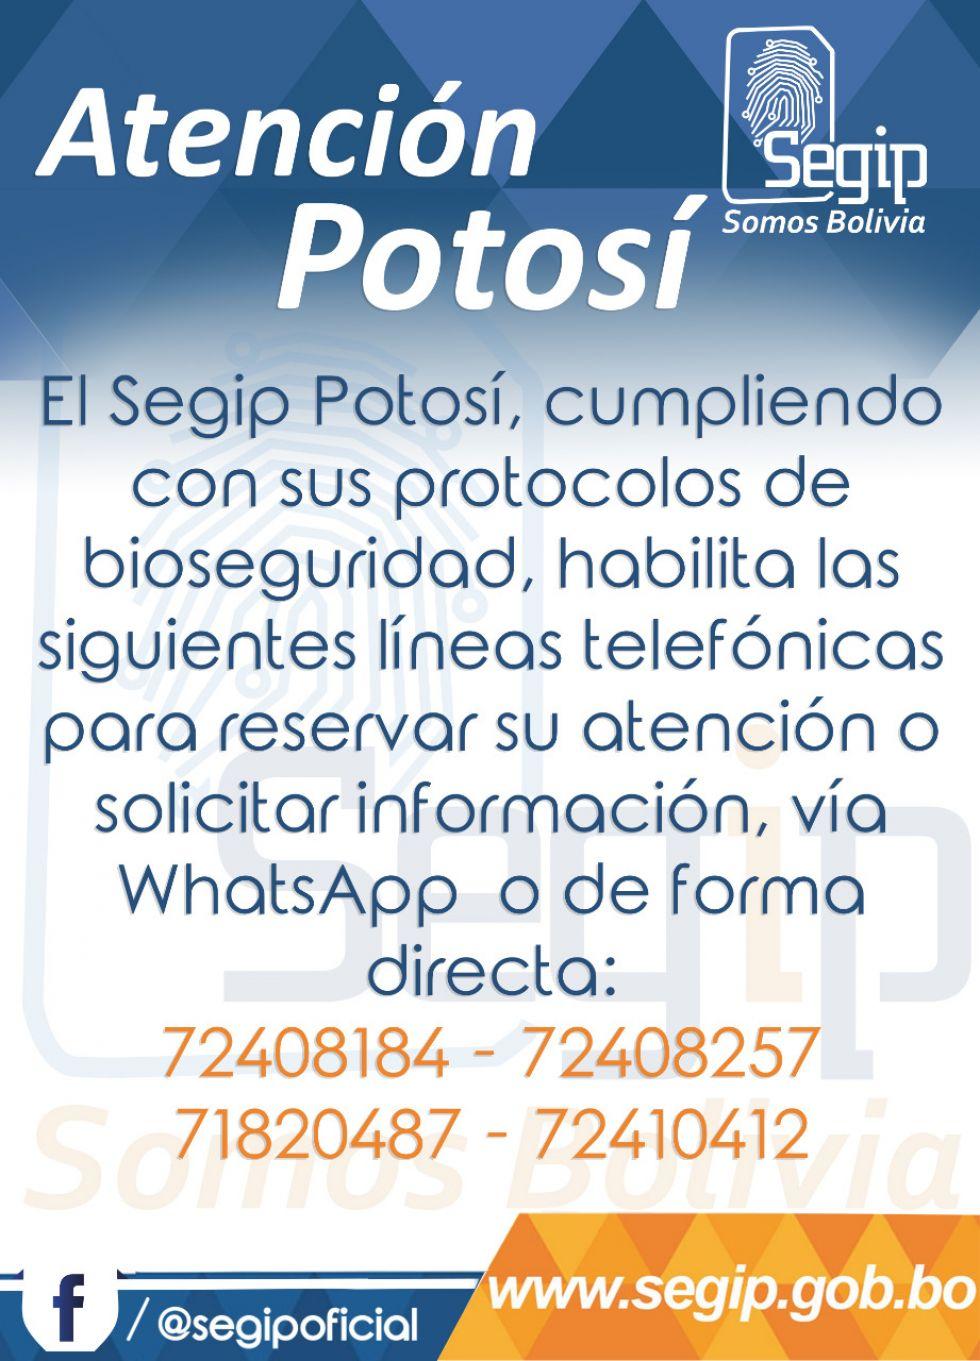 Cronograma de atención, horarios y teléfonos de contacto de Segip